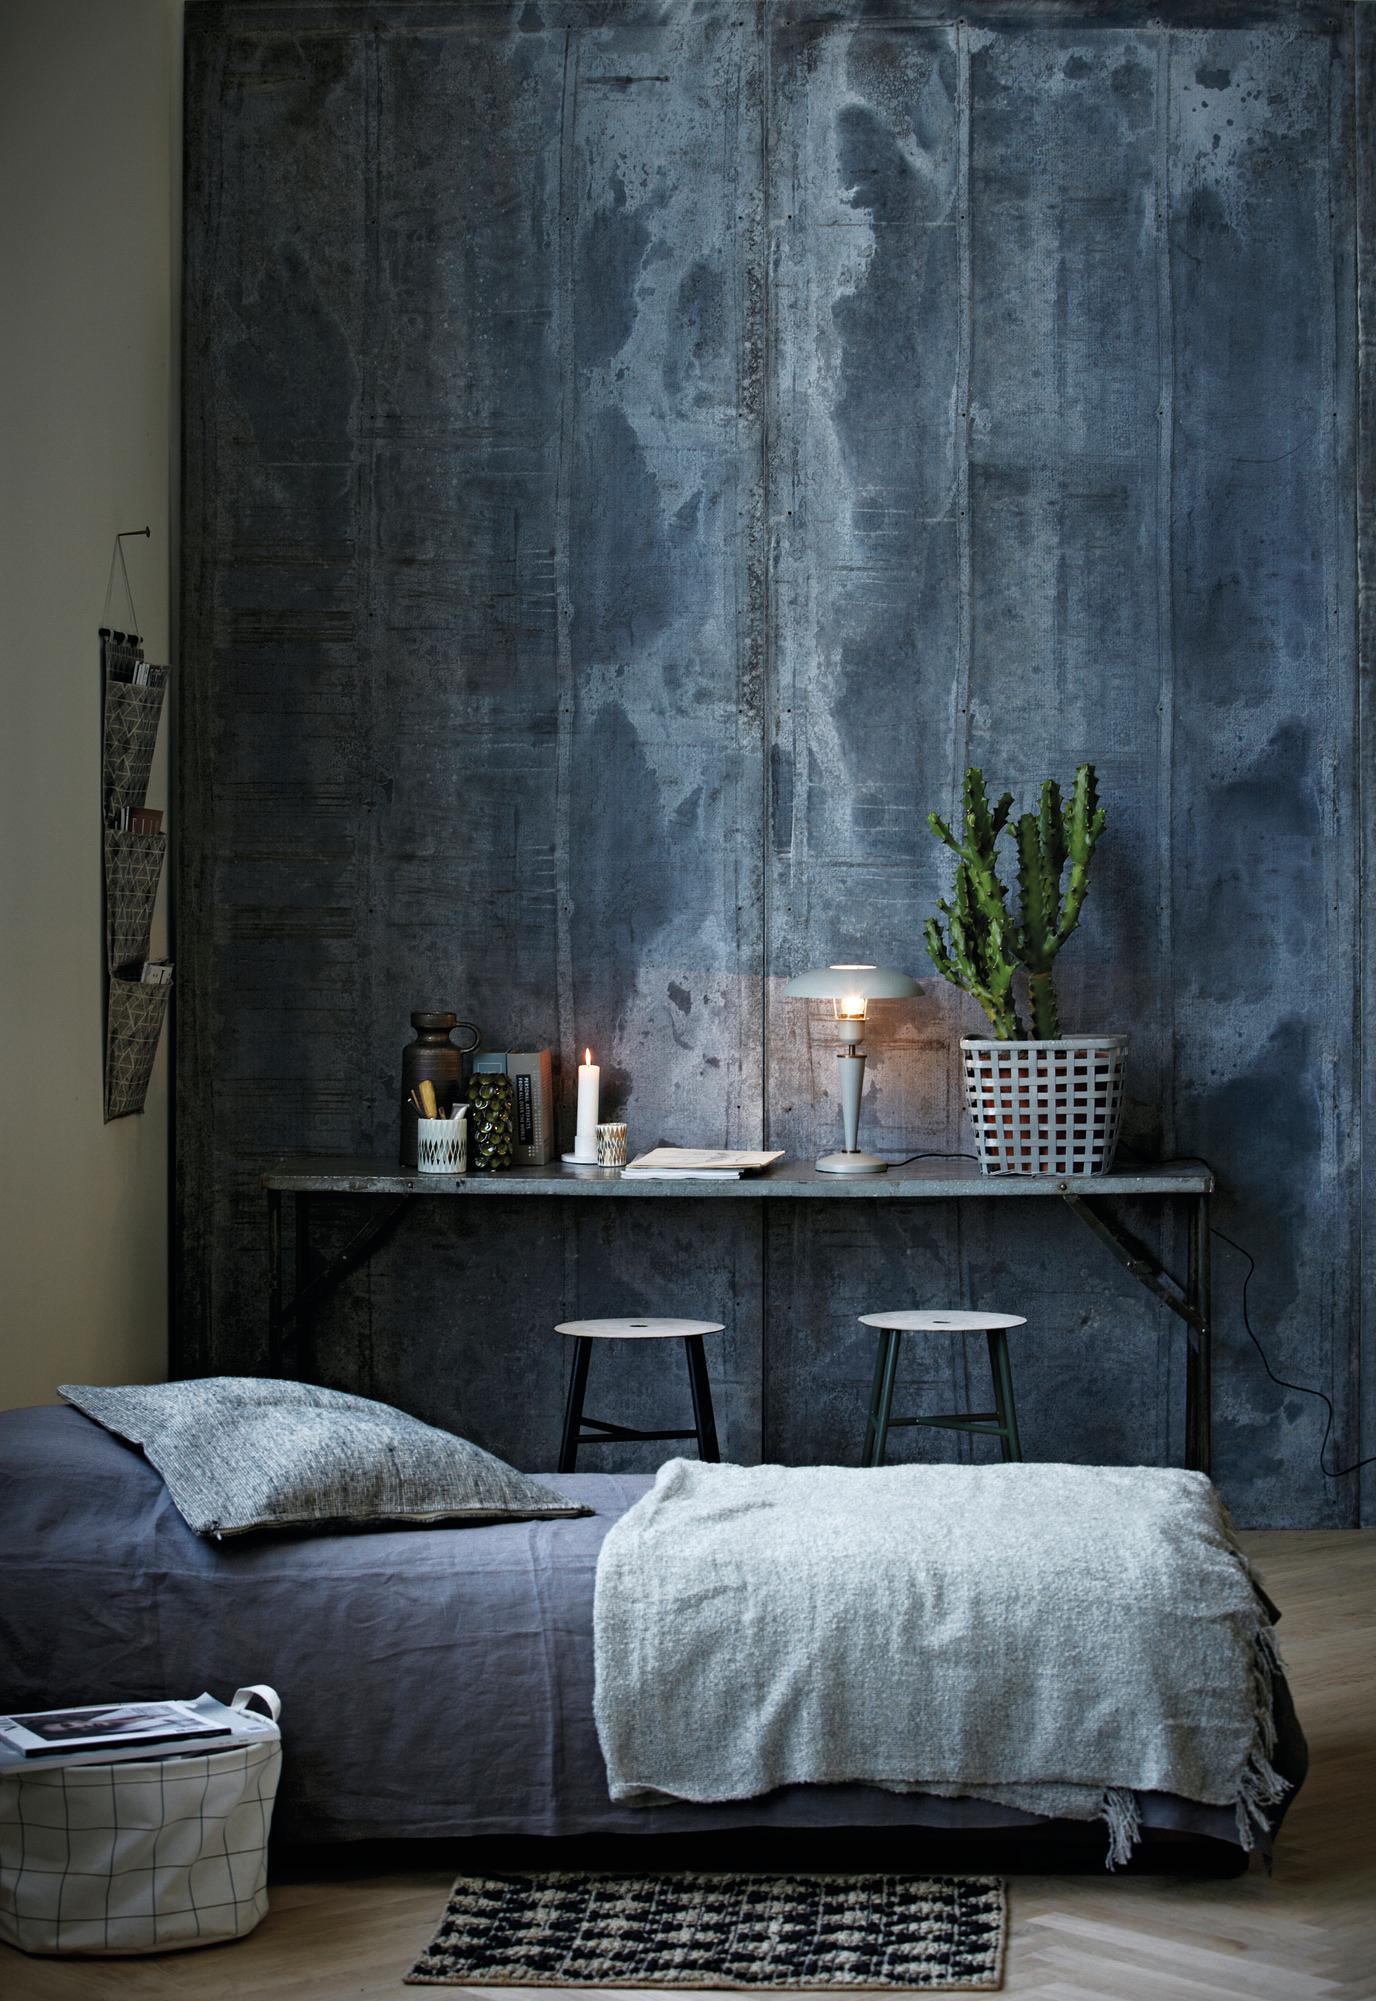 Wand Gestaltung graue wandgestaltung bilder ideen couchstyle